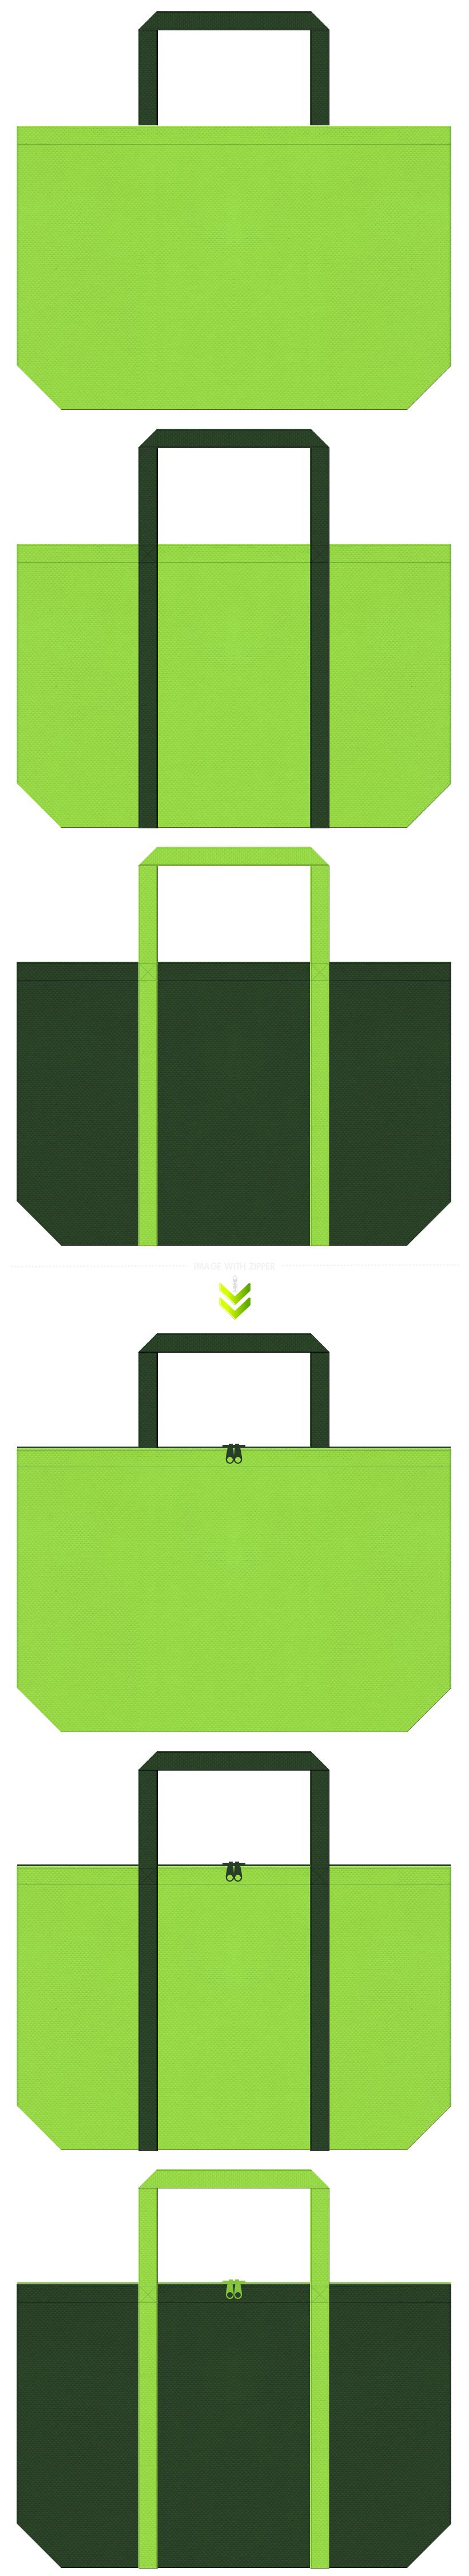 ブロッコリー・ほうれんそう・ゴーヤ・胡瓜・医薬品・緑茶・青汁・森林浴・芝生・ゴルフ場・テーマパーク・キャンプ・アウトドアイベント・ロードレース・釣具・新緑イベント・CO2削減・緑化推進・環境・園芸用品・観葉植物・植物園・エコバッグにお奨めの不織布バッグデザイン:黄緑色と濃緑色のコーデ